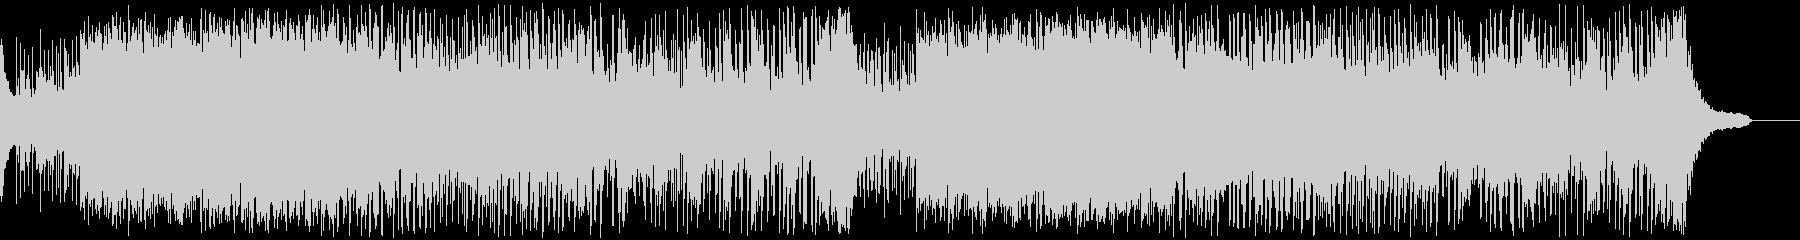 ドラキュラ退治の曲の未再生の波形